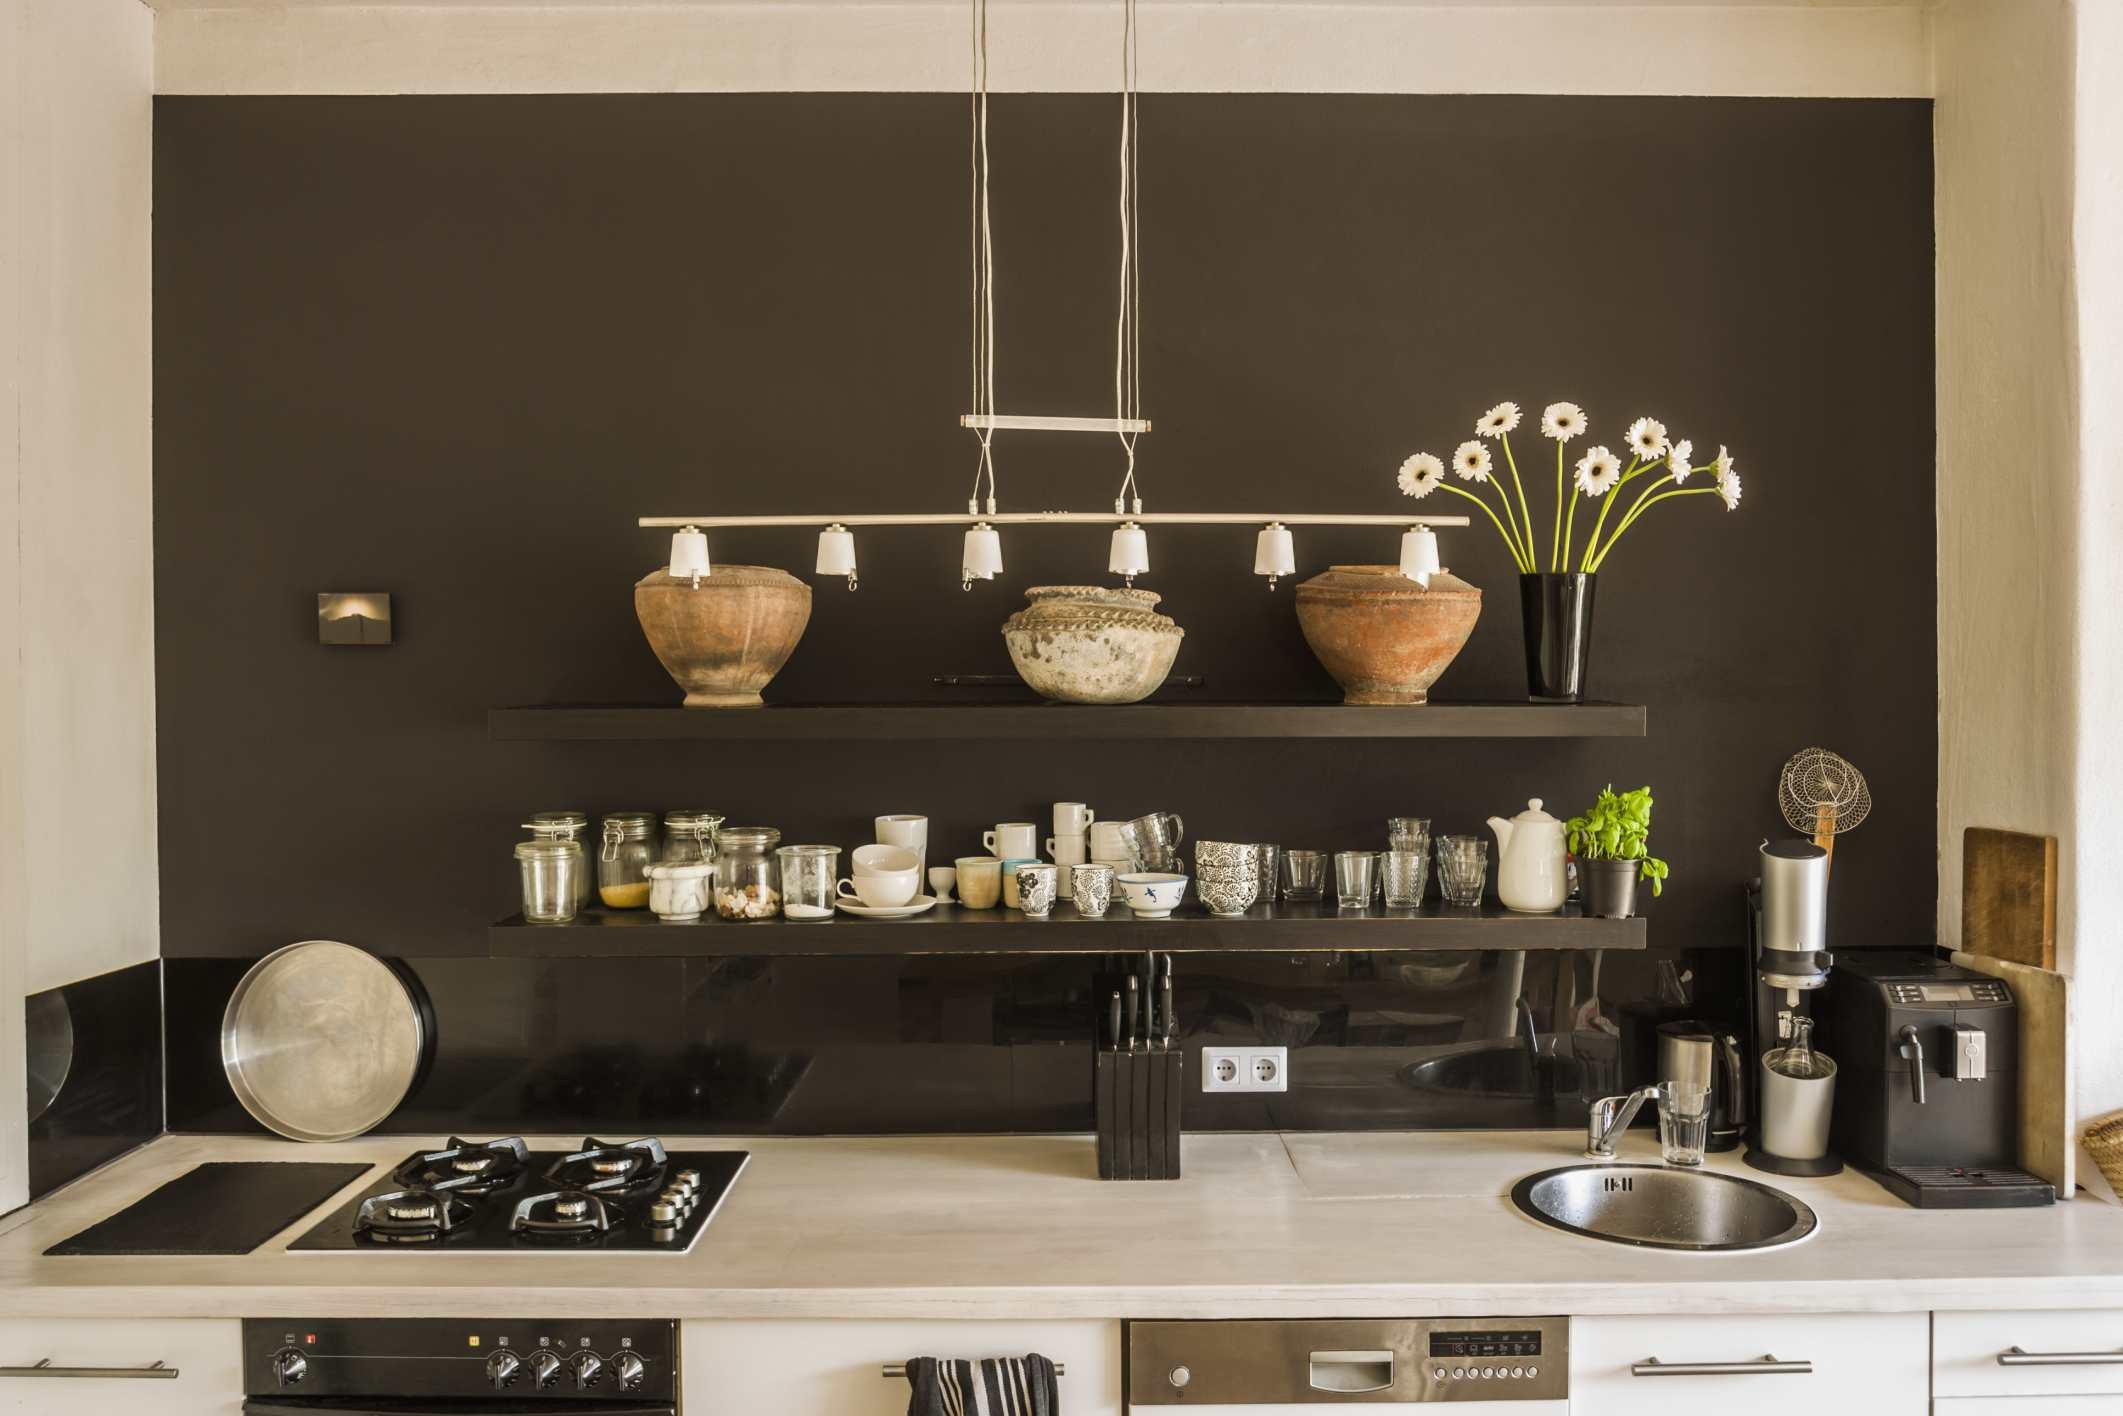 Estantería de cocina con cerámica